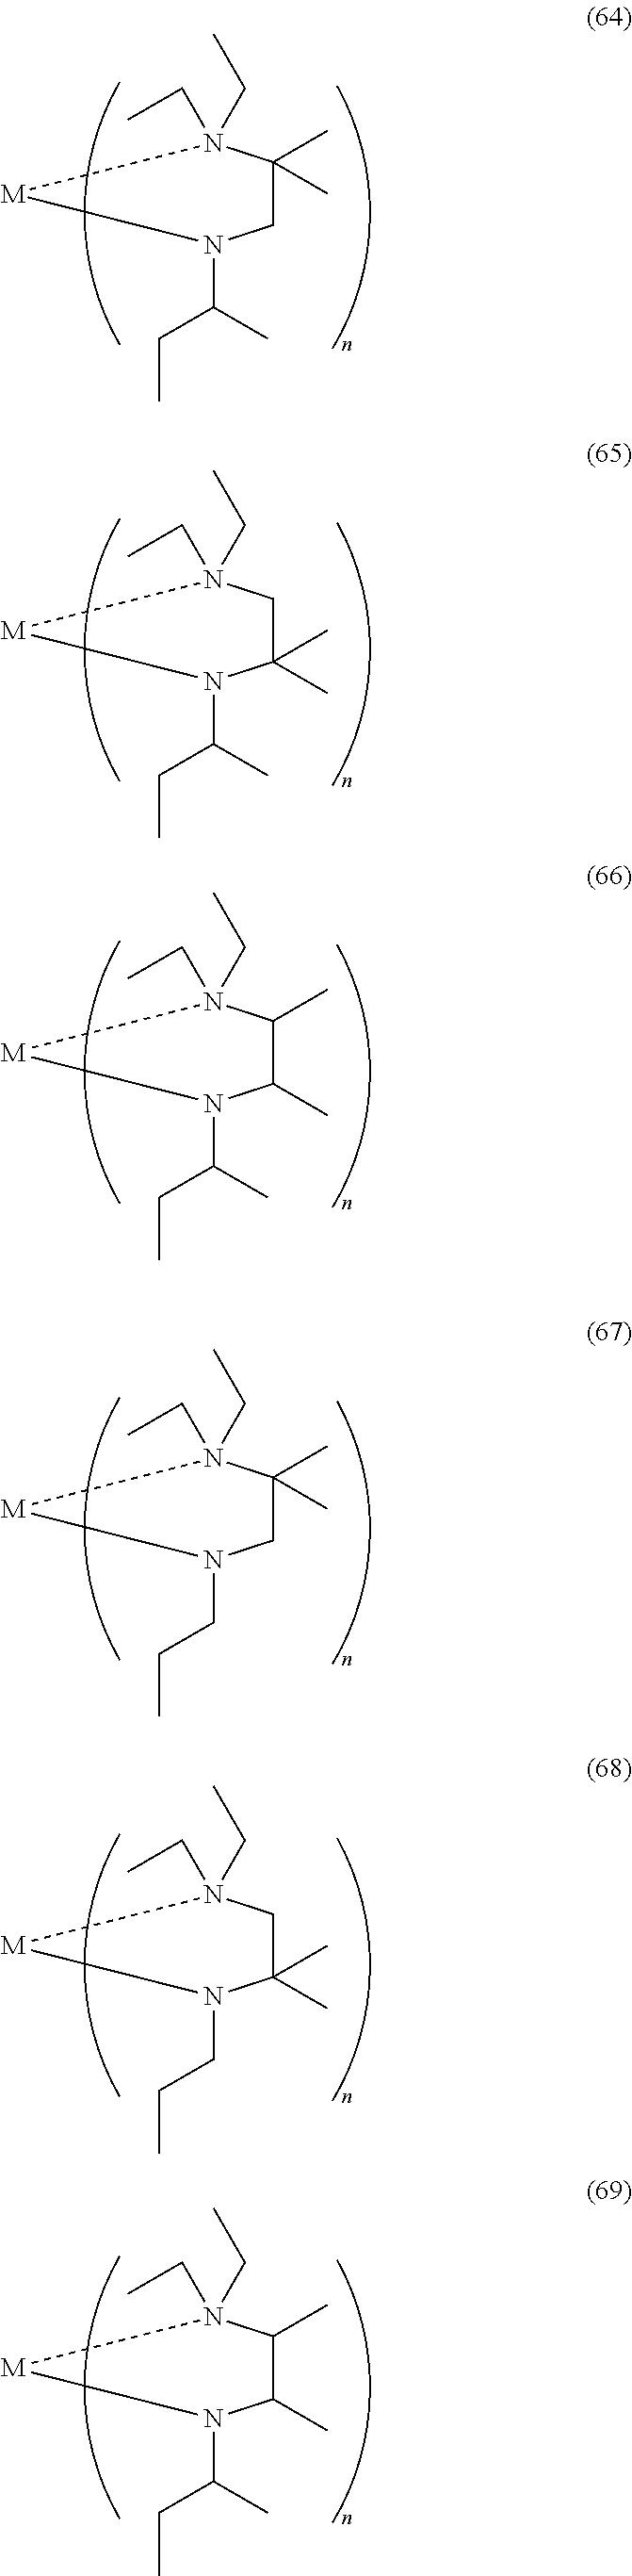 Figure US08871304-20141028-C00023